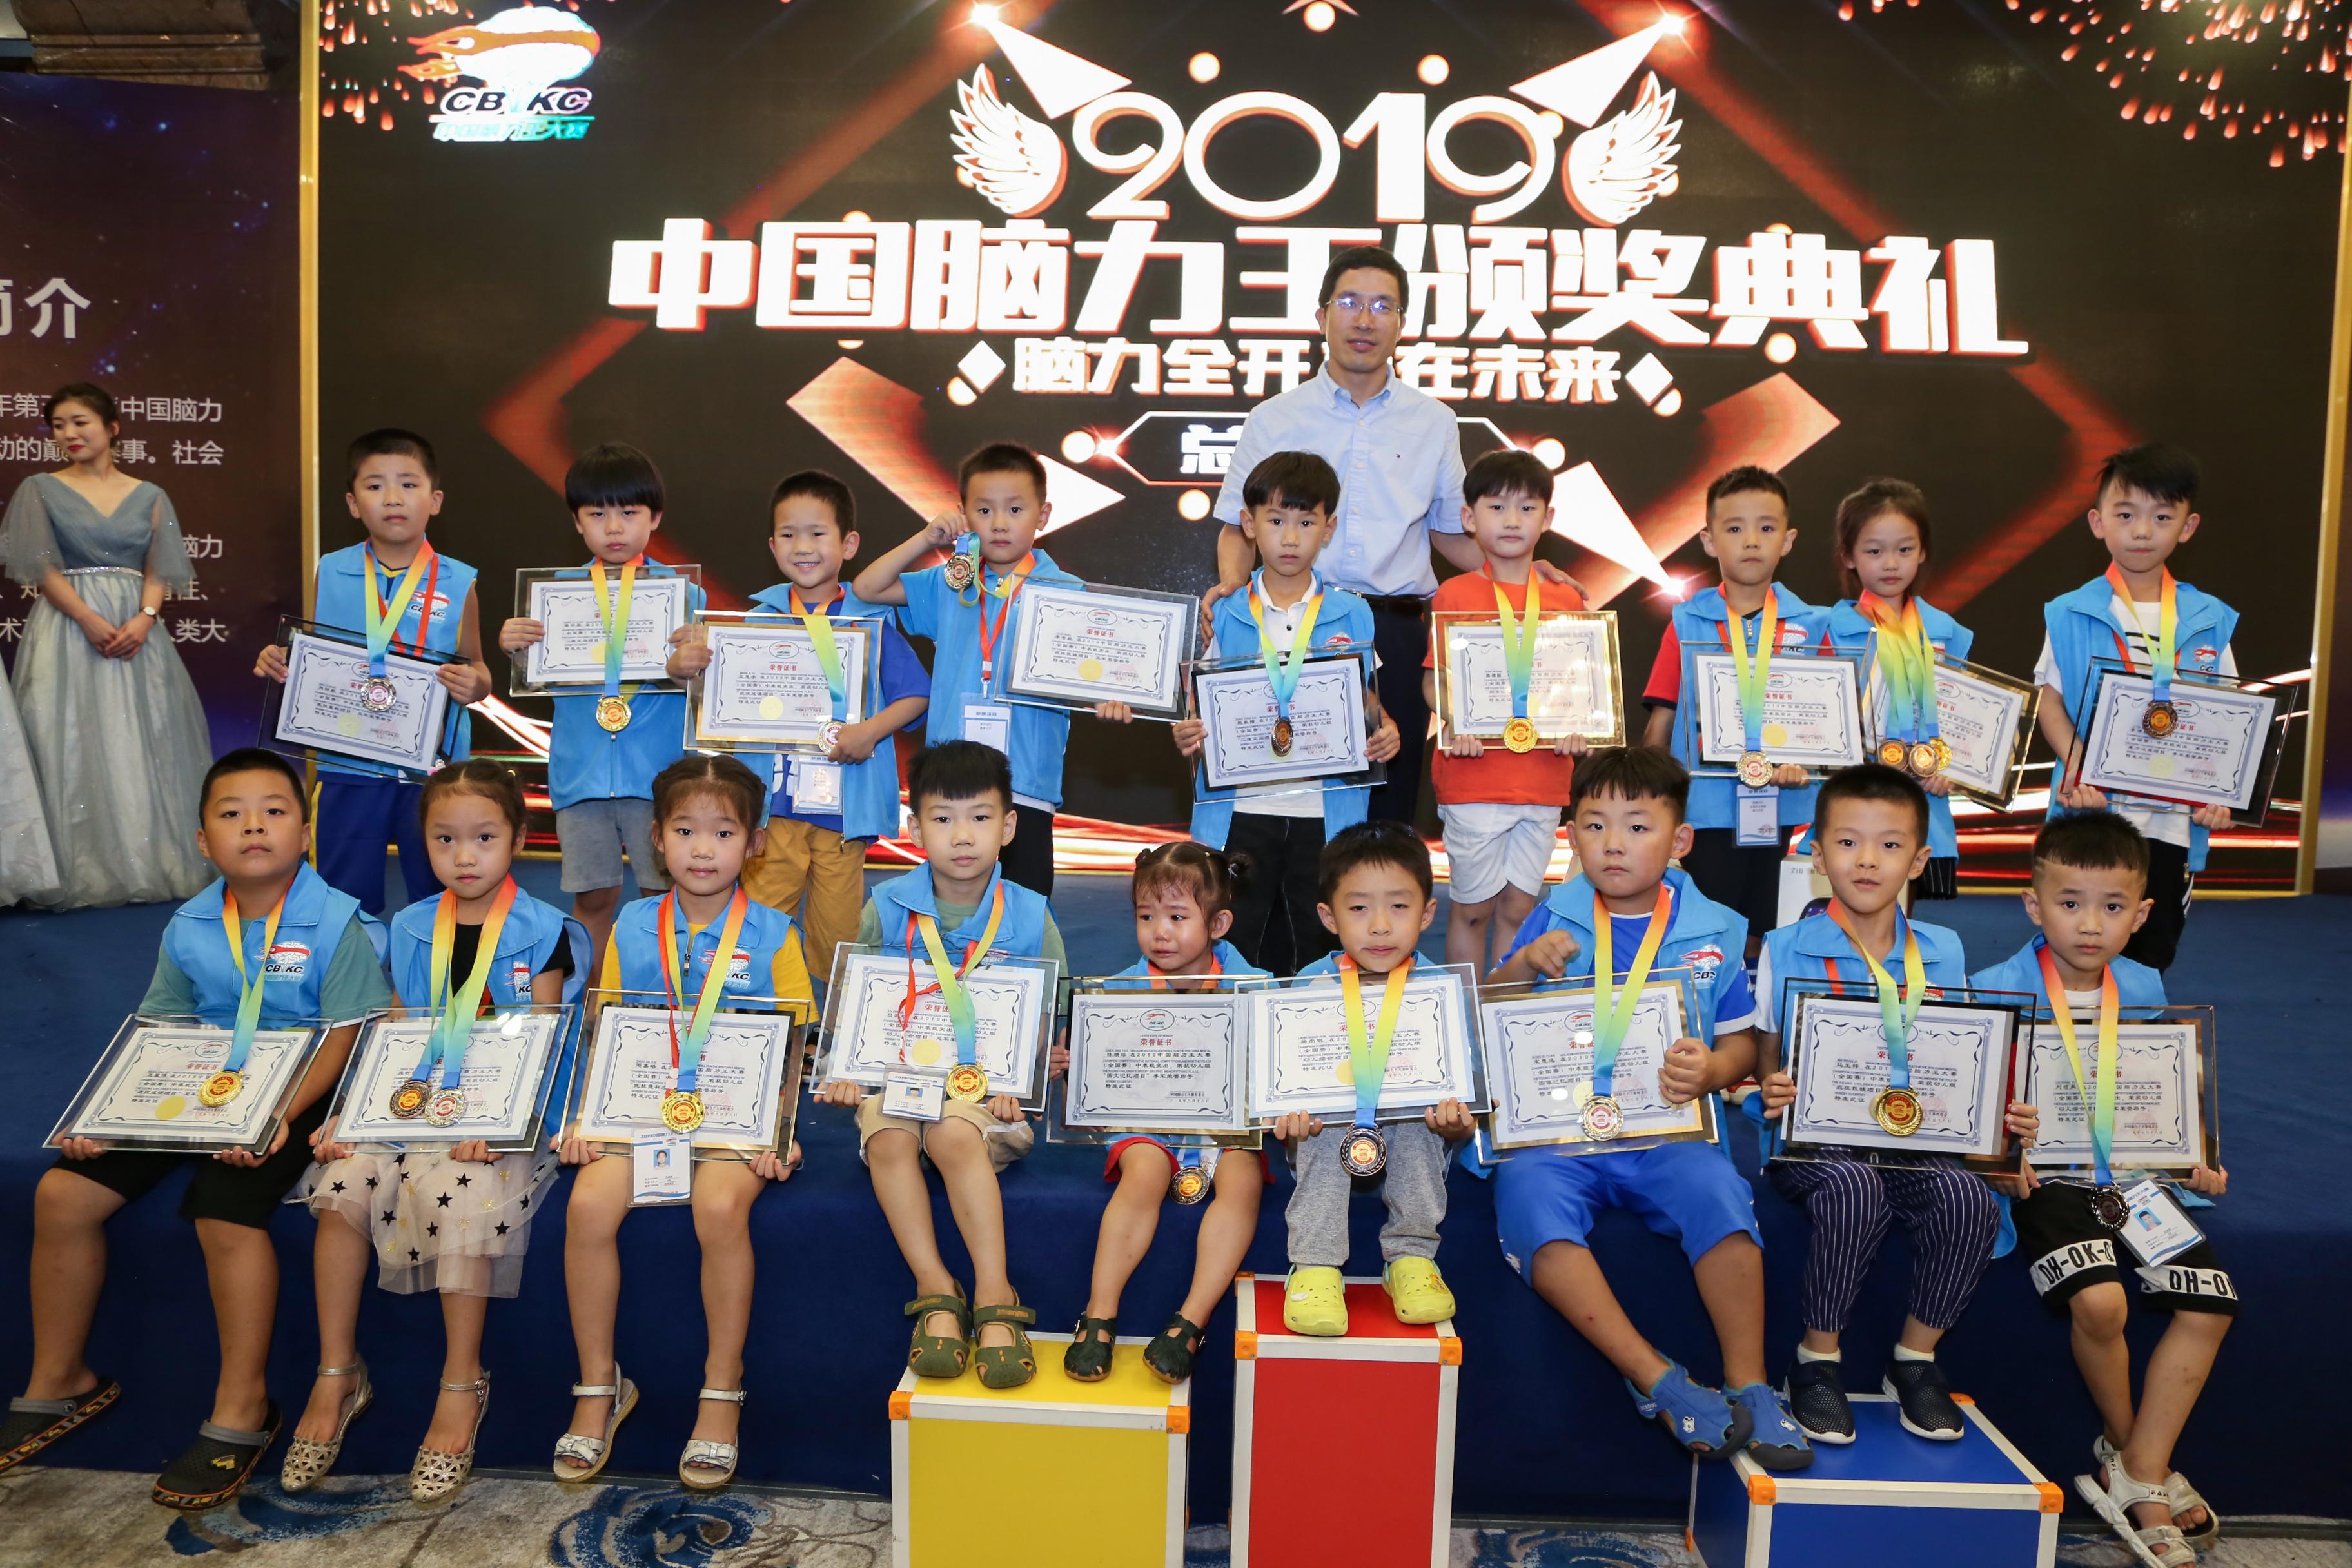 2019中国脑力王大赛全国总决赛获奖名单